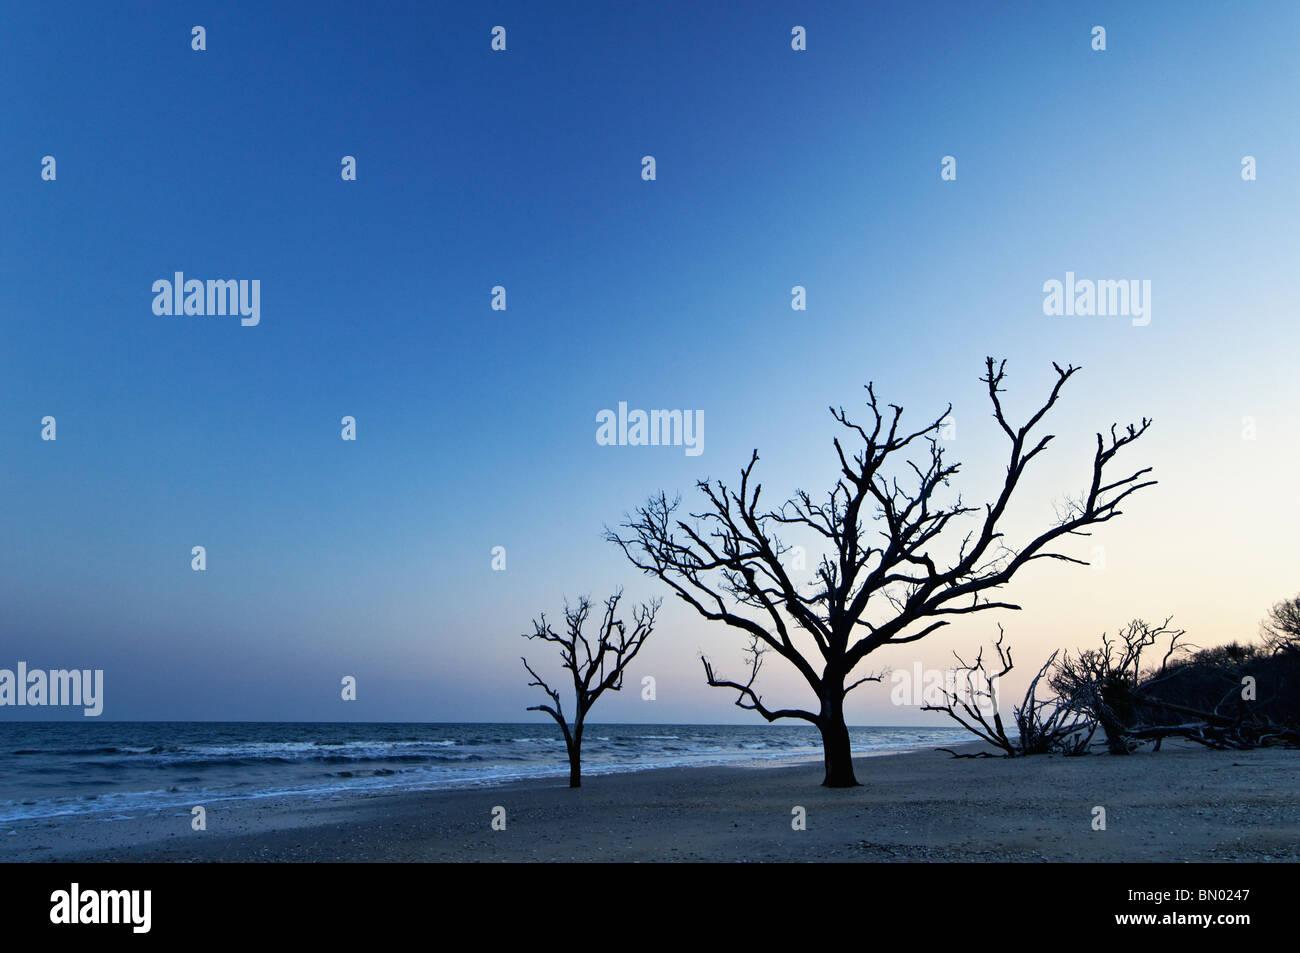 Dead Tree at Dusk at the Boneyard on Botany Bay on Edisto Island in Charleston County, South Carolina Stock Photo